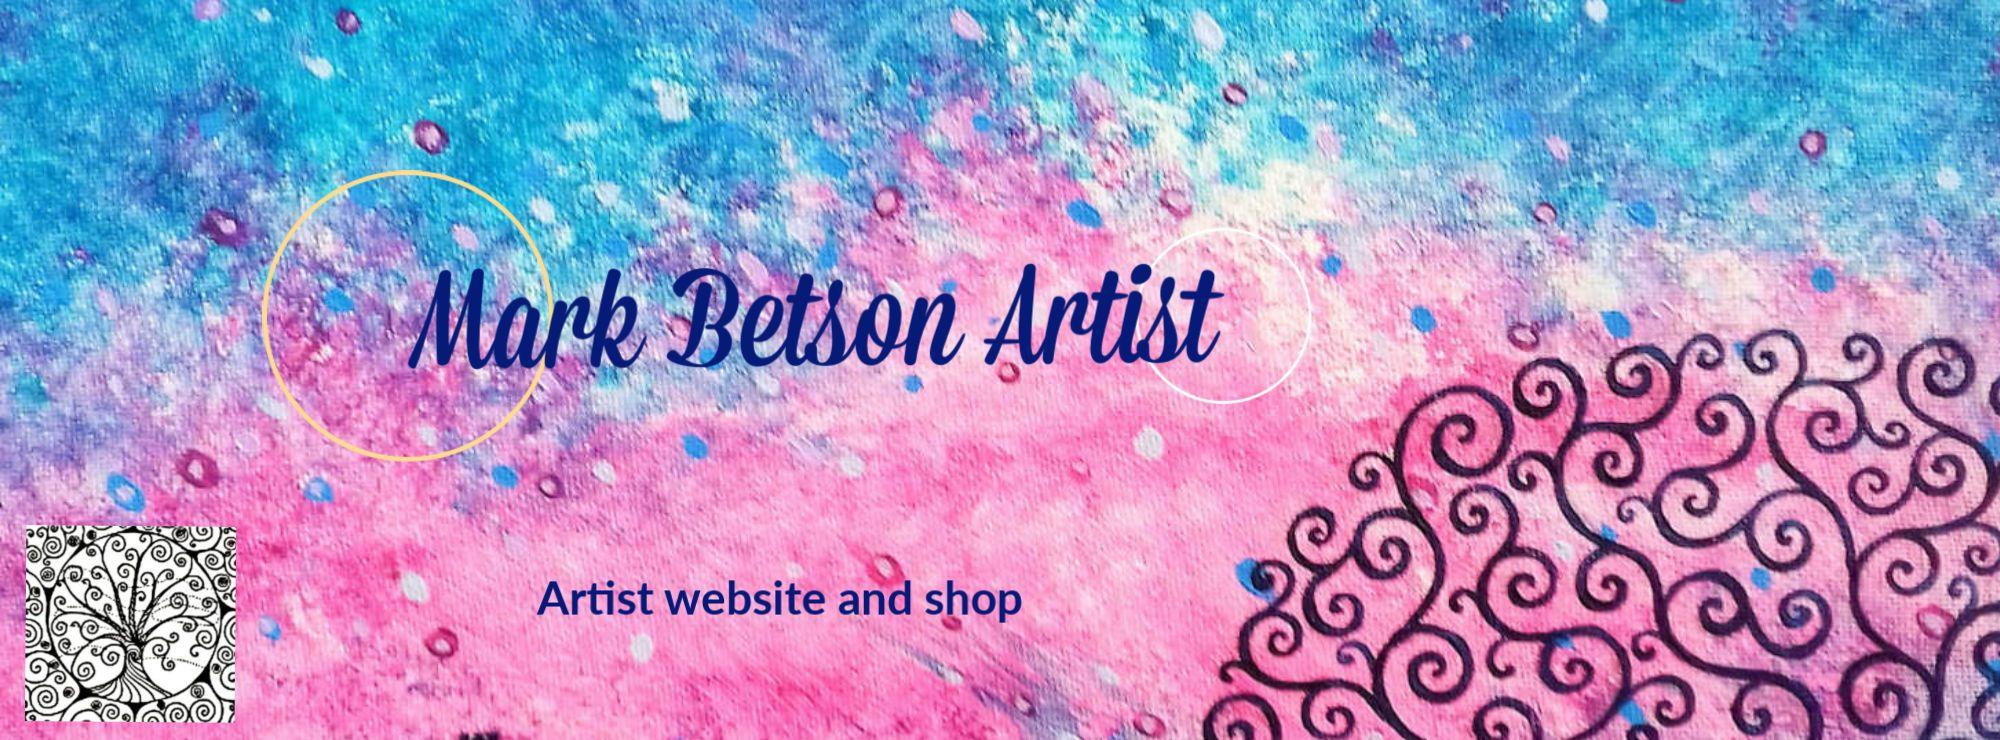 Mark Betson Artist